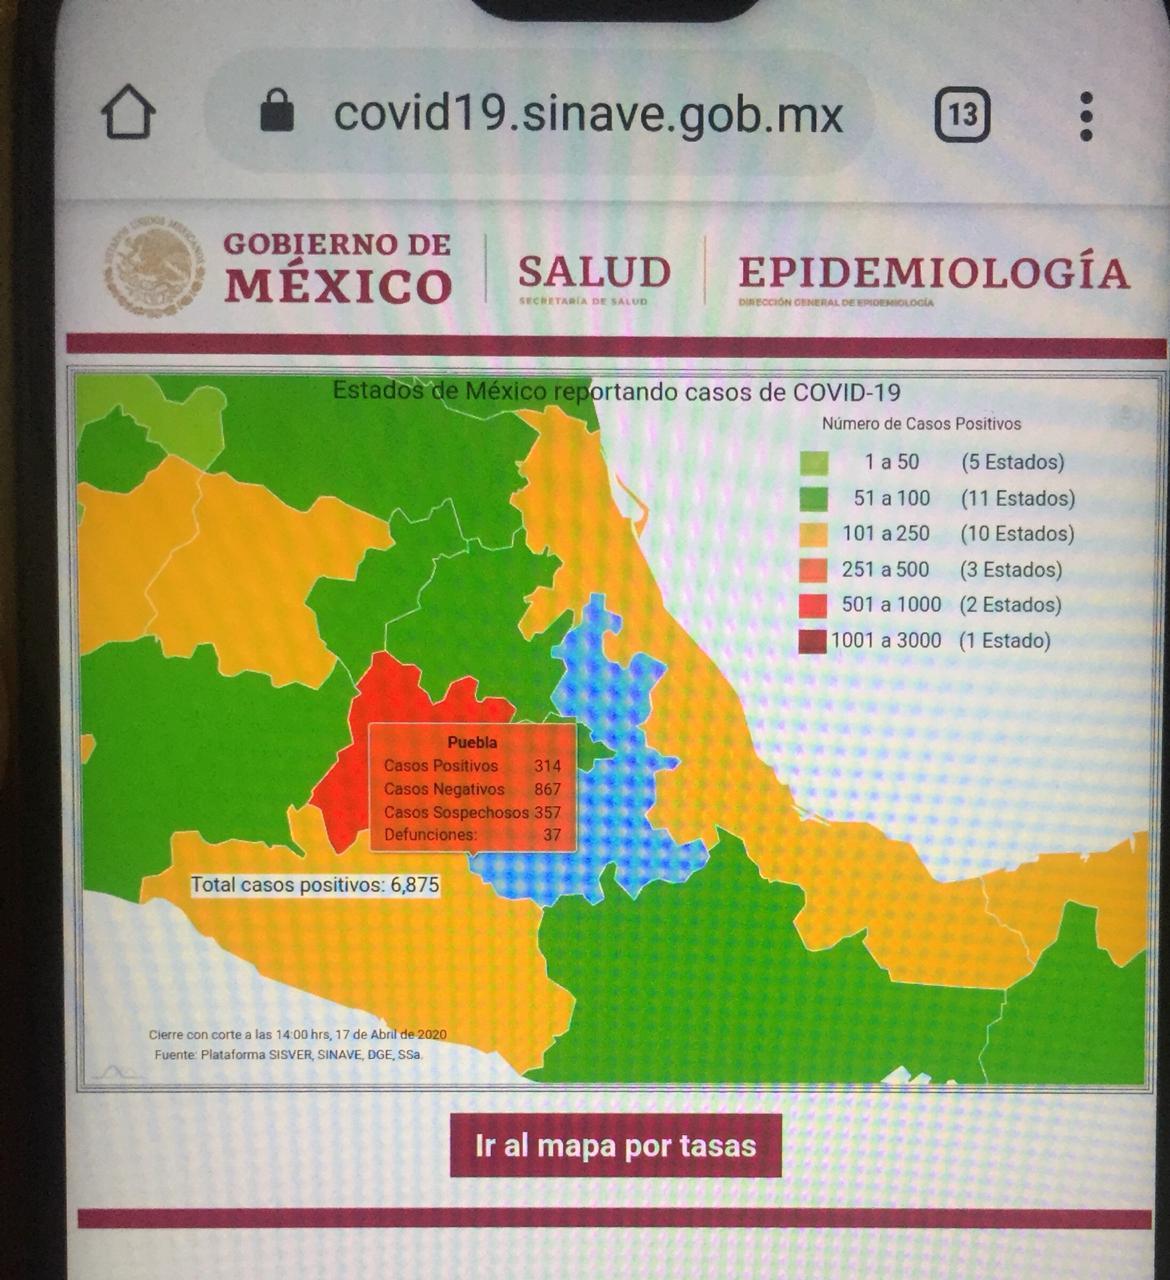 La cifra de decesos por Covid en el territorio mexicano es de 546